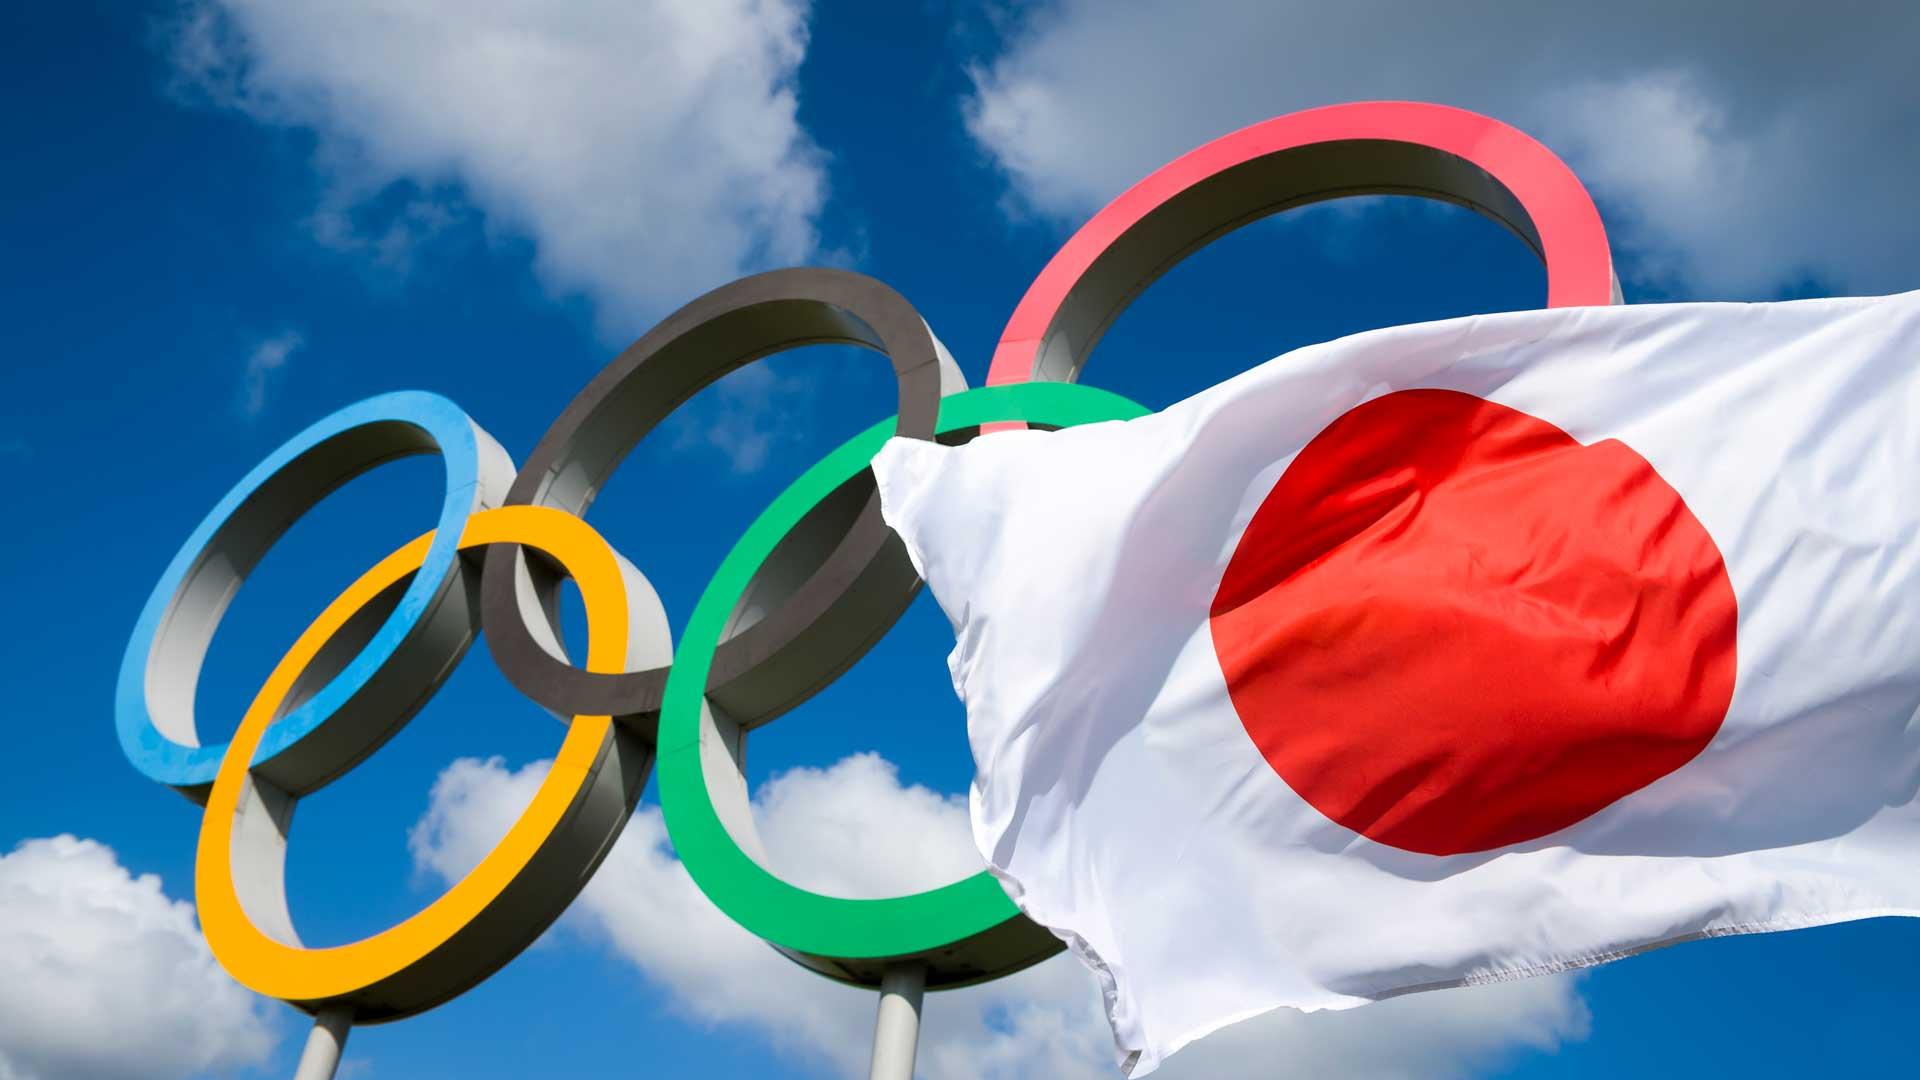 https://i1.wp.com/fcconsultingroup.com/wp-content/uploads/2021/09/Iniciará-en-marzo-relevo-de-antorcha-olímpica-para-Tokio-2021.jpg?fit=1920%2C1080&ssl=1